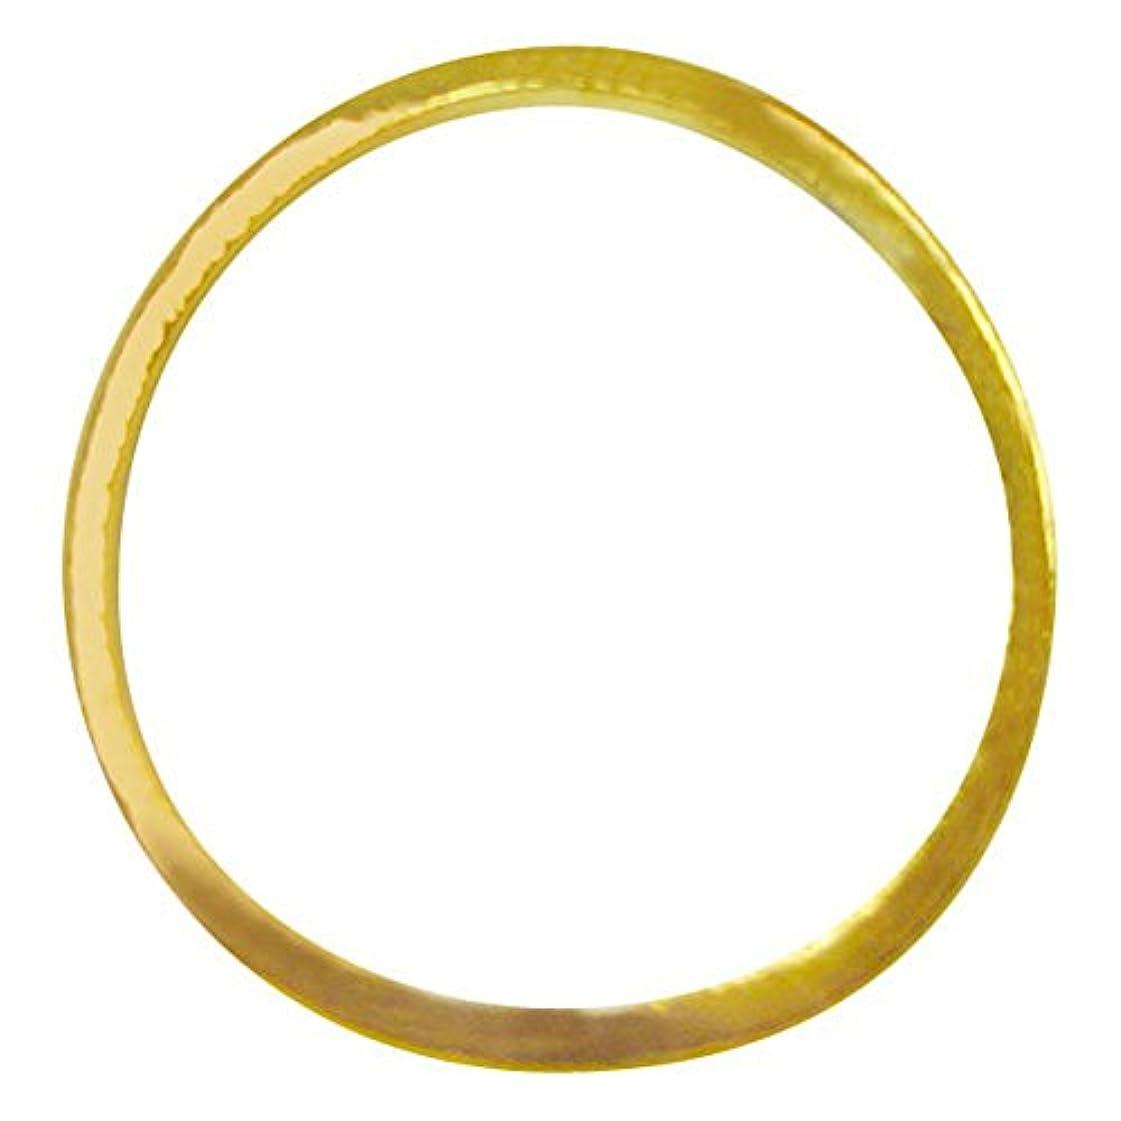 引き付けるタイトルデコードするジェルネイル  サンシャインベビー シンプル ラウンドフレームL(ゴールド) 10P